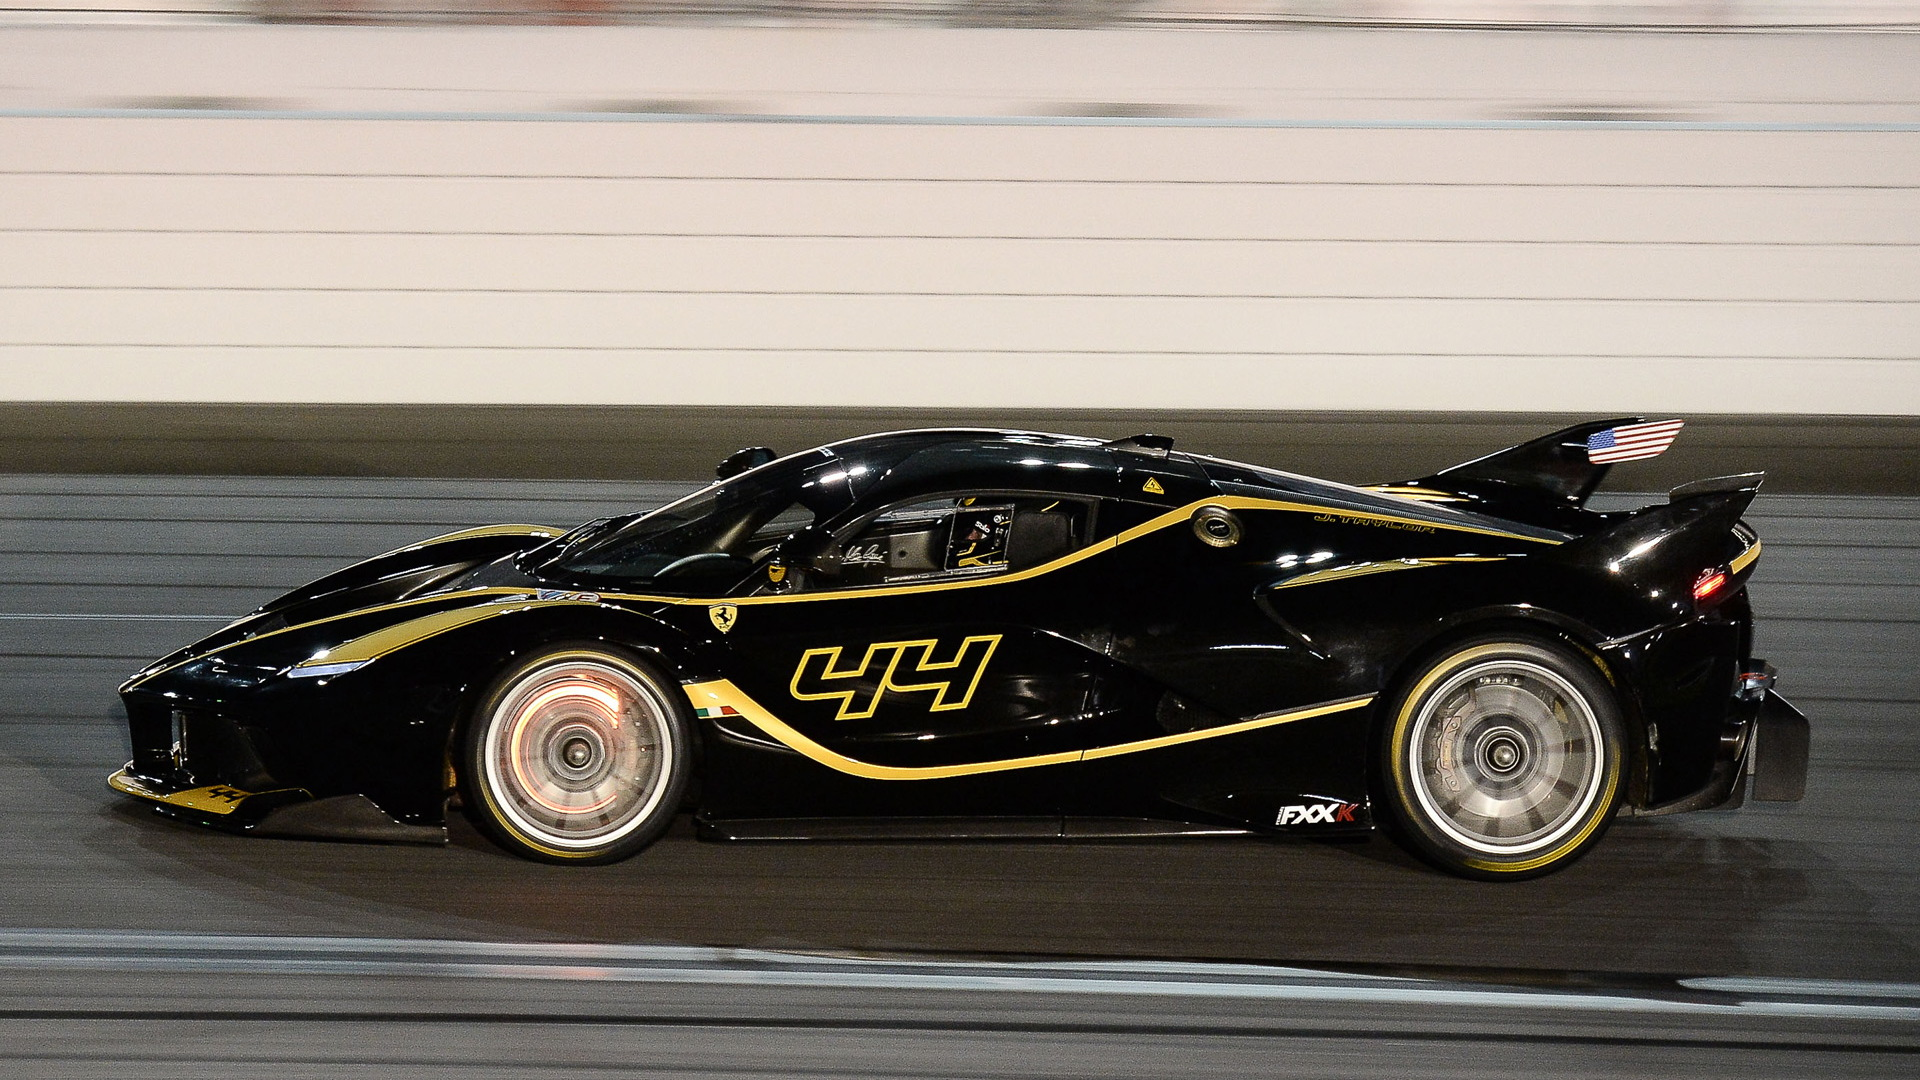 Ferrari FXX K at Daytona International Speedway, 2016 Finali Mondiali